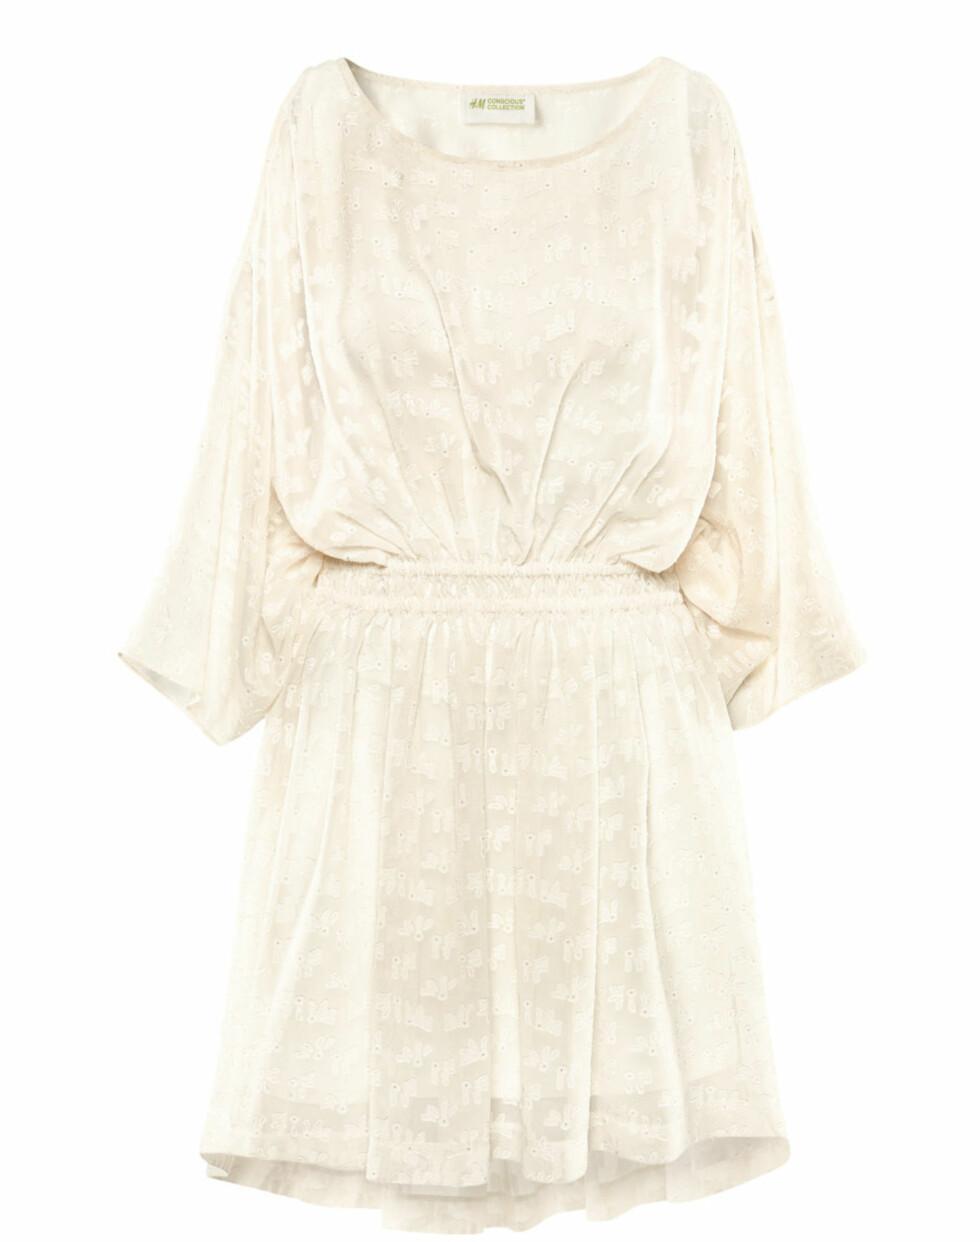 Offwhite sommerkjole (kr 300, H&M). Foto: Produsentene